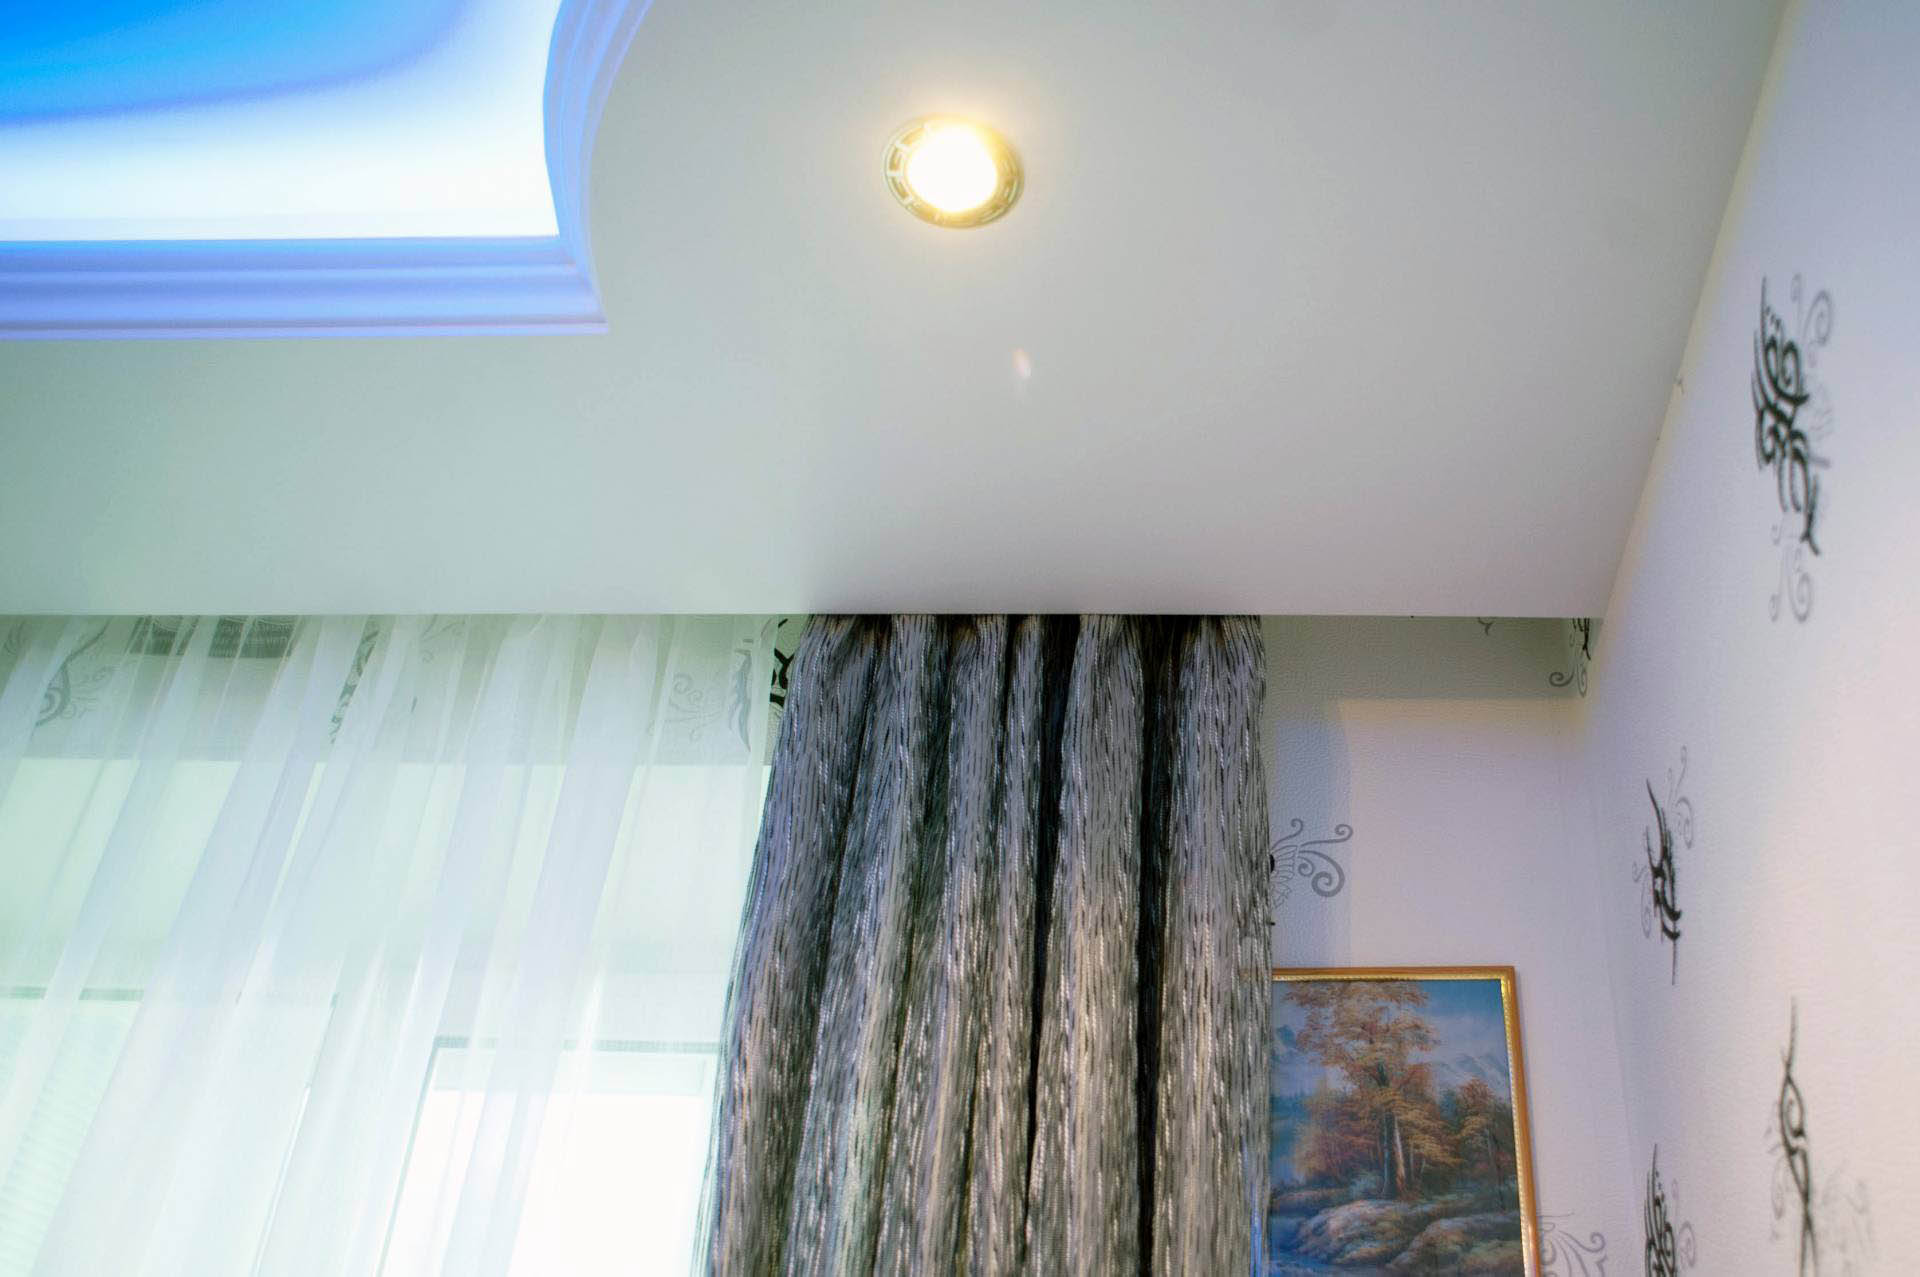 niche pour rideaux à l'intérieur du plafond tendu